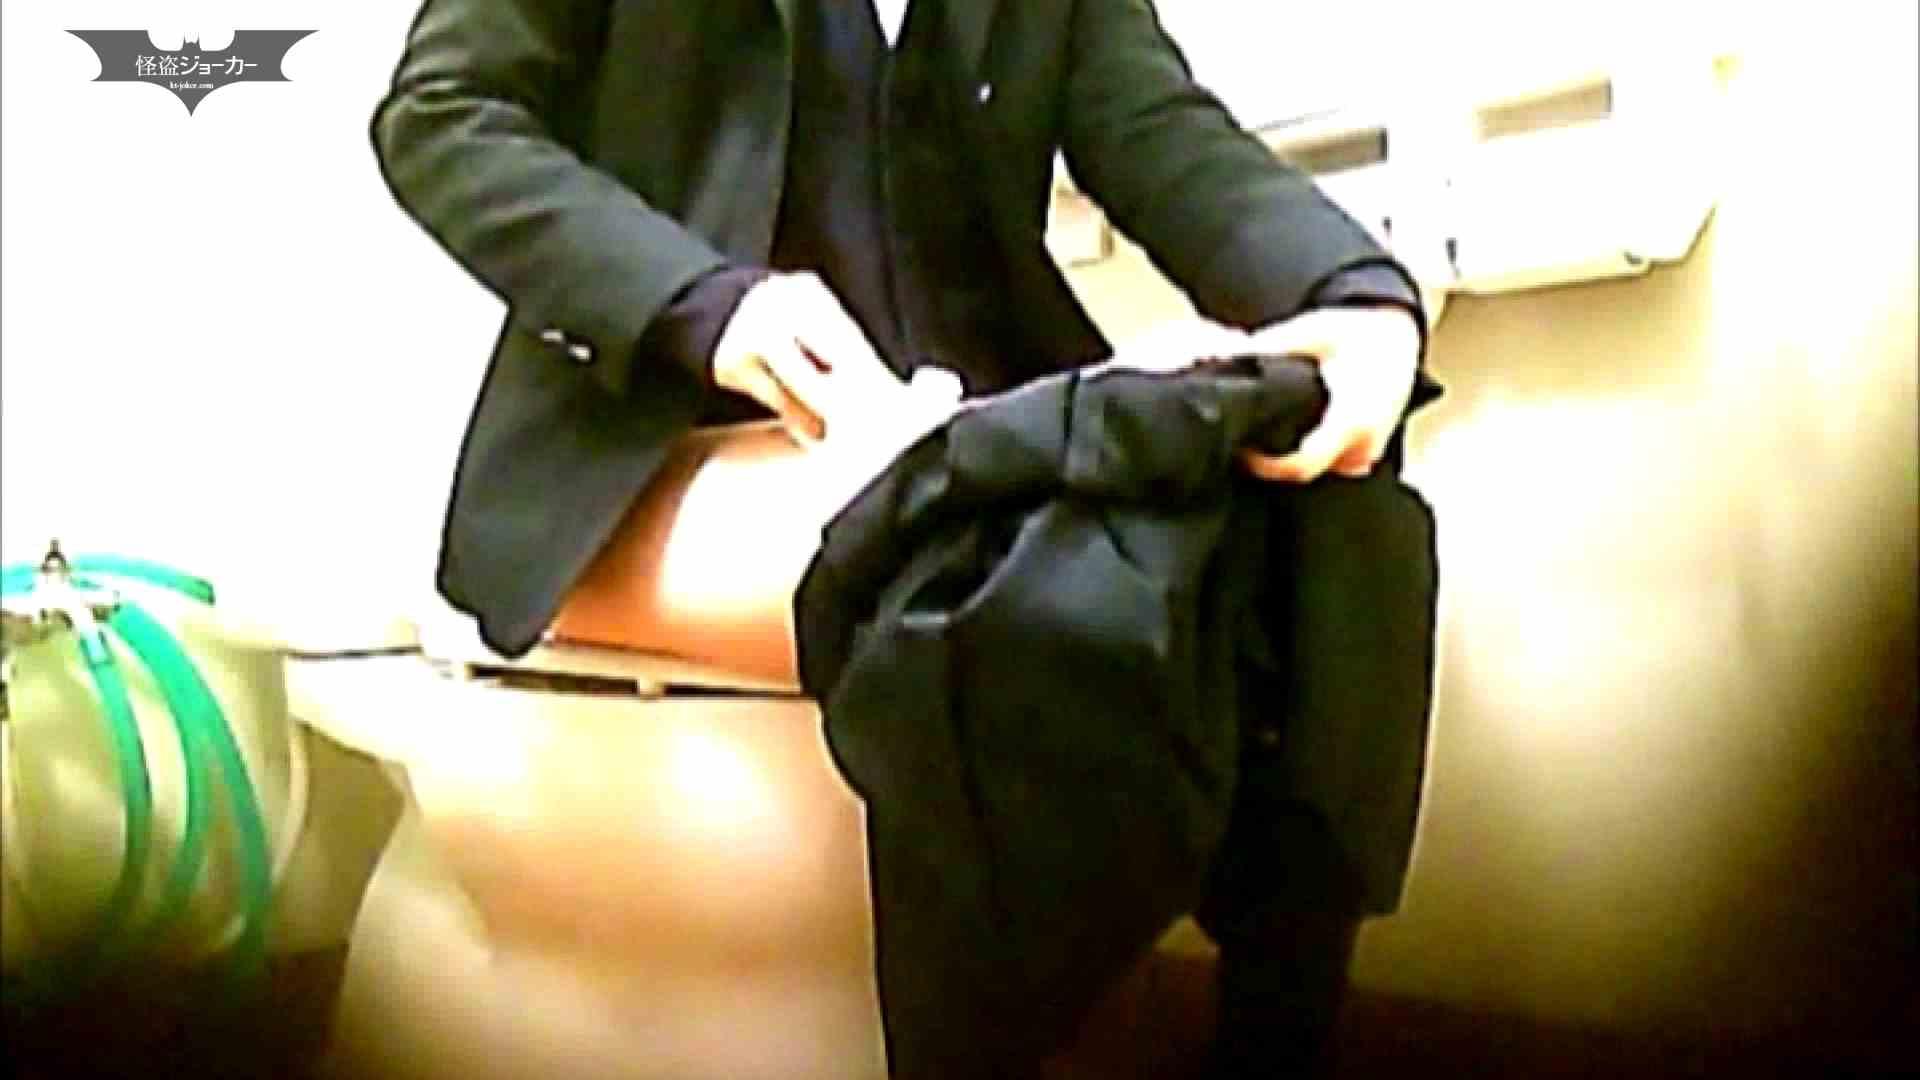 無修正おまんこ動画|店長代理の盗撮録 Vol.02 制服ばかりをあつめてみました。その2|怪盗ジョーカー